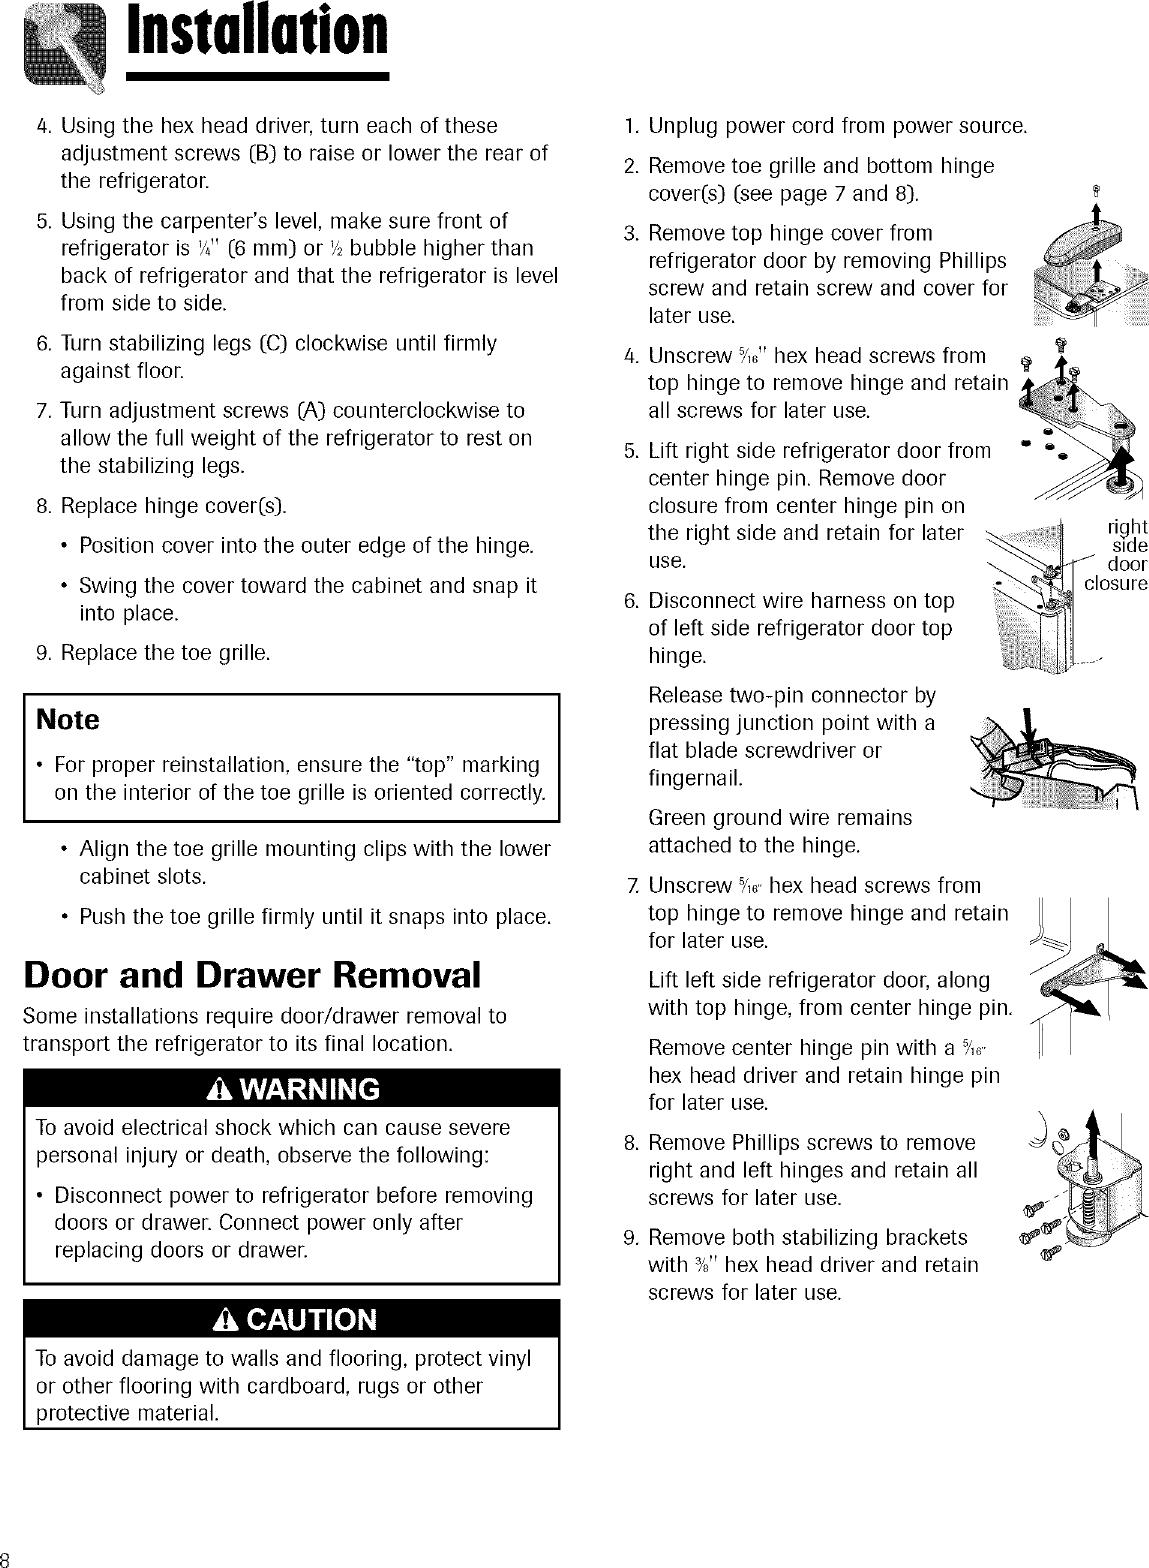 Kenmore Elite 59675522400 User Manual REFRIGERATOR Manuals